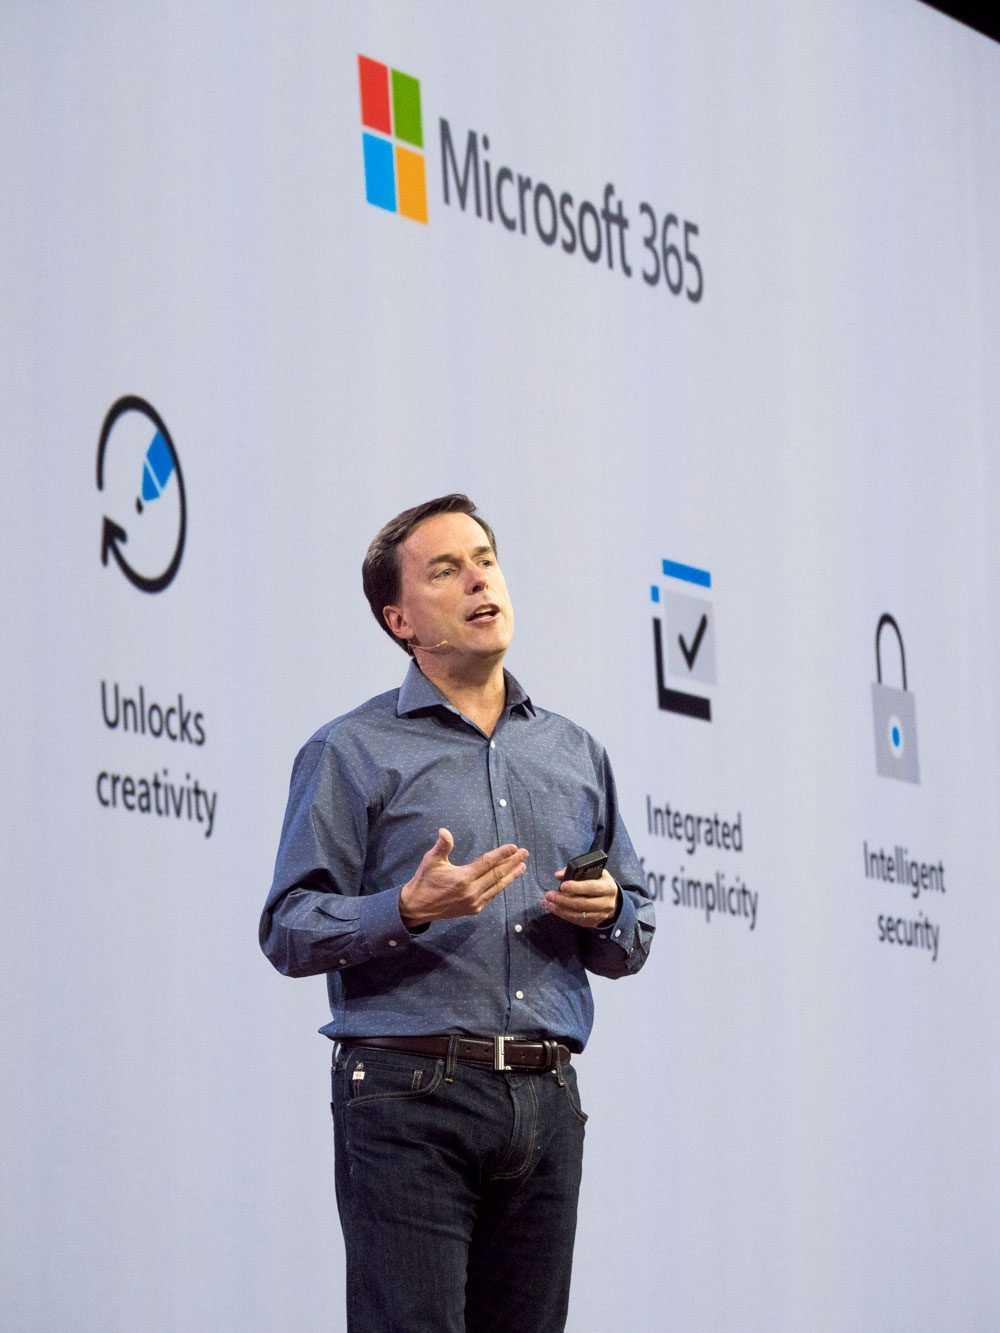 Господство intel рушится на глазах. у компании новые проблемы с мобильными и серверными процессорами